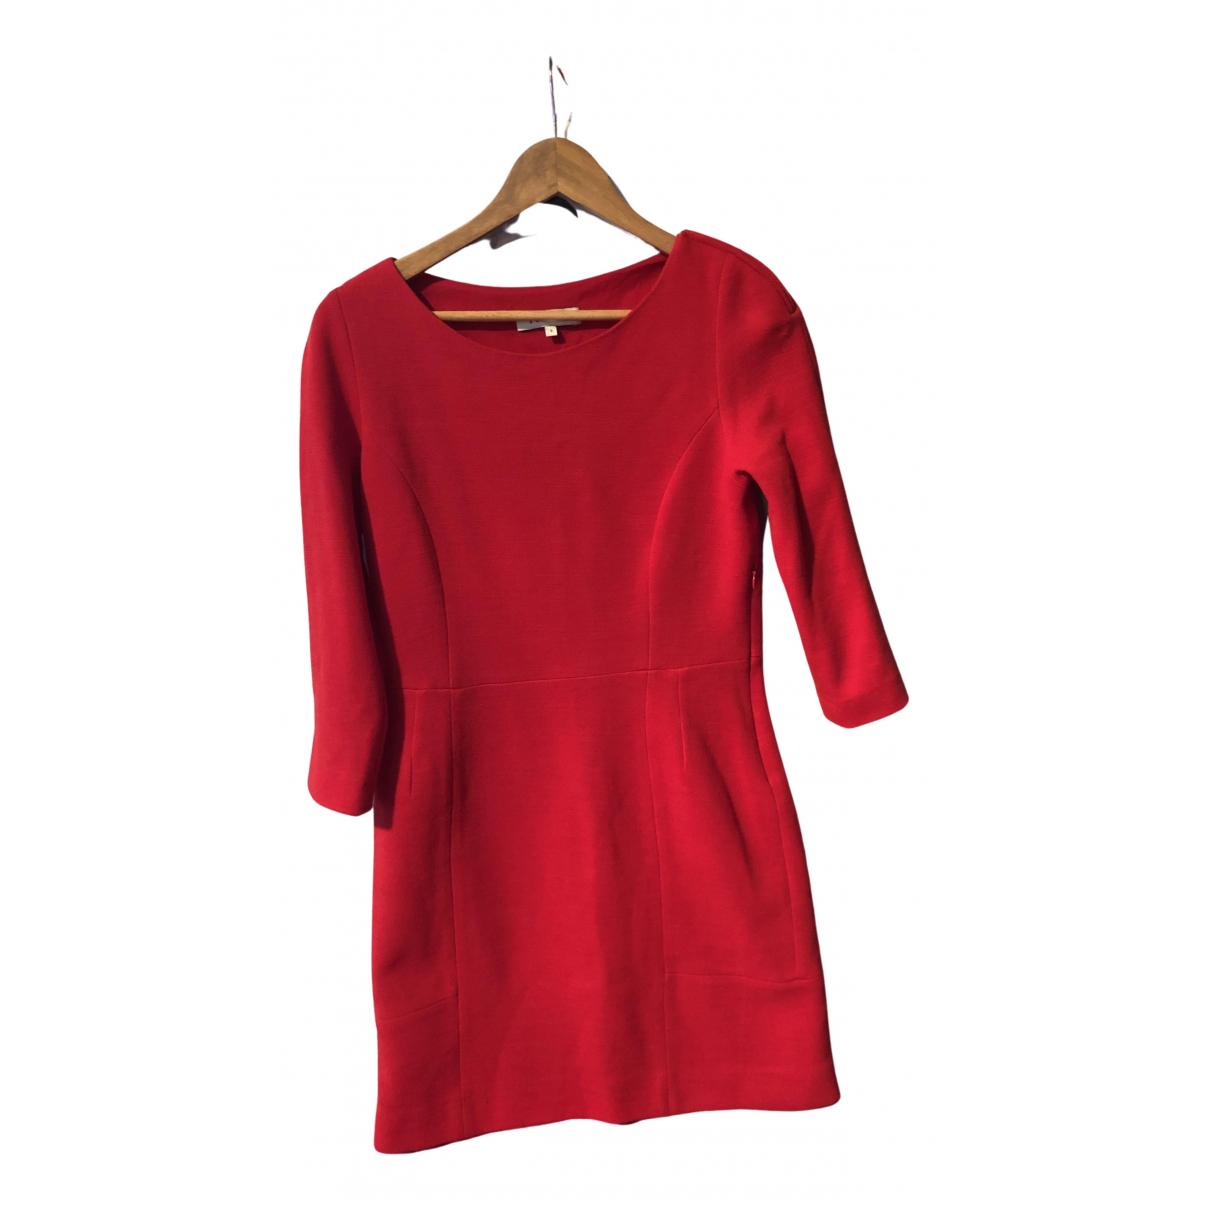 Sandro \N Kleid in  Rot Wolle